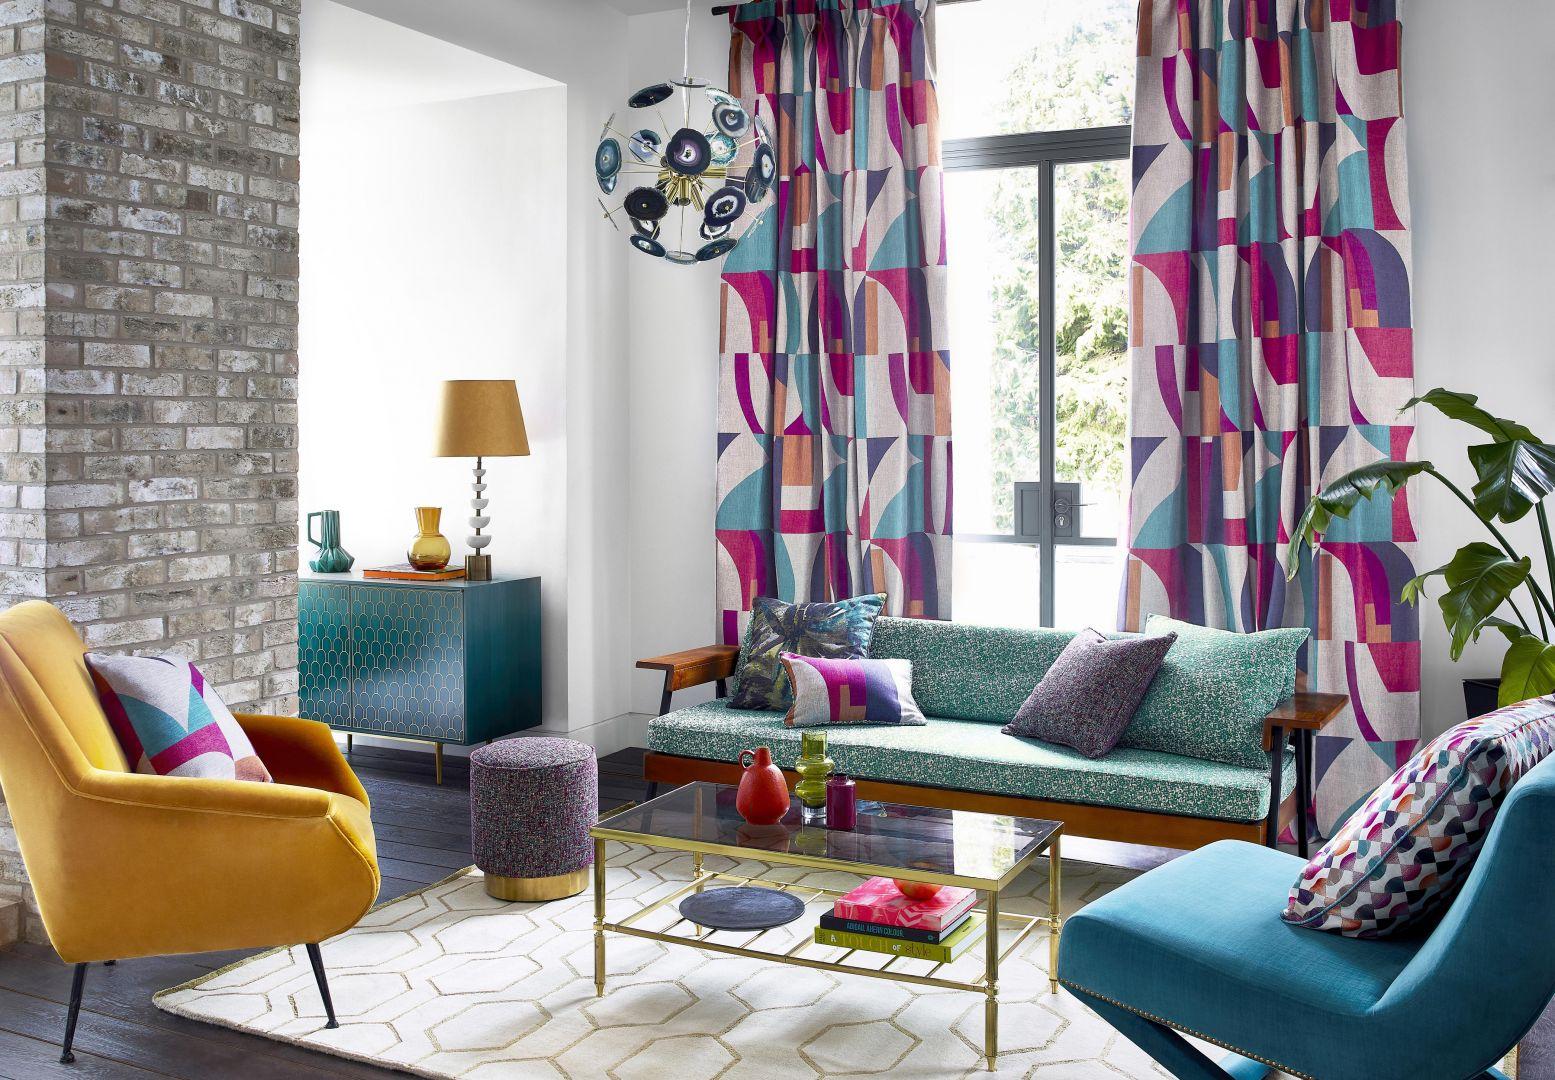 Kolorowe zasłony w salonie z kolekcji Bodega dostępne w ofercie marki Harlequin. Fot. Harlequin